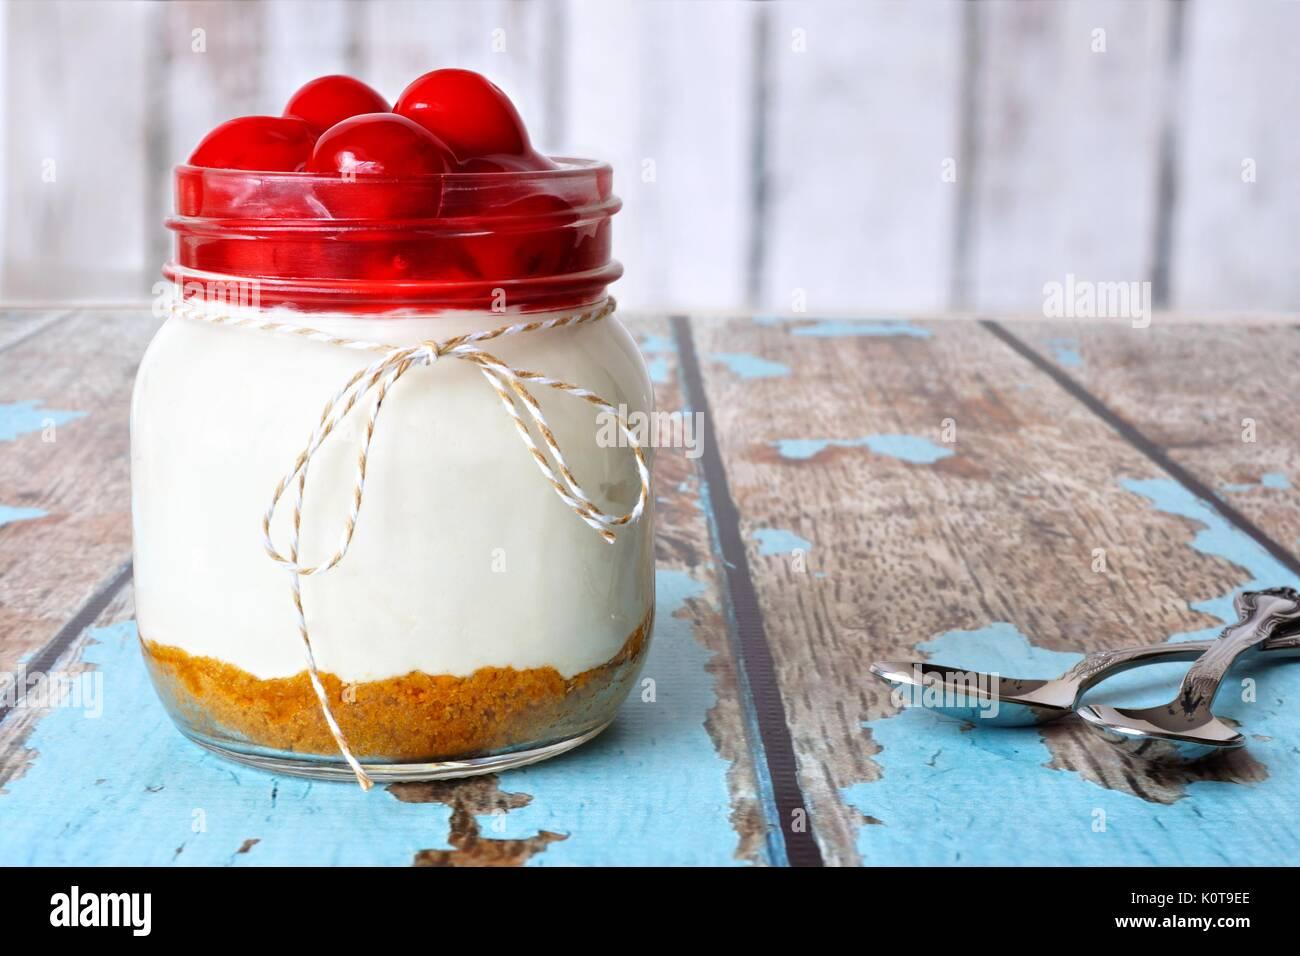 Ciliegio dolce cheesecake in un mason jar su un rustico sfondo legno Immagini Stock